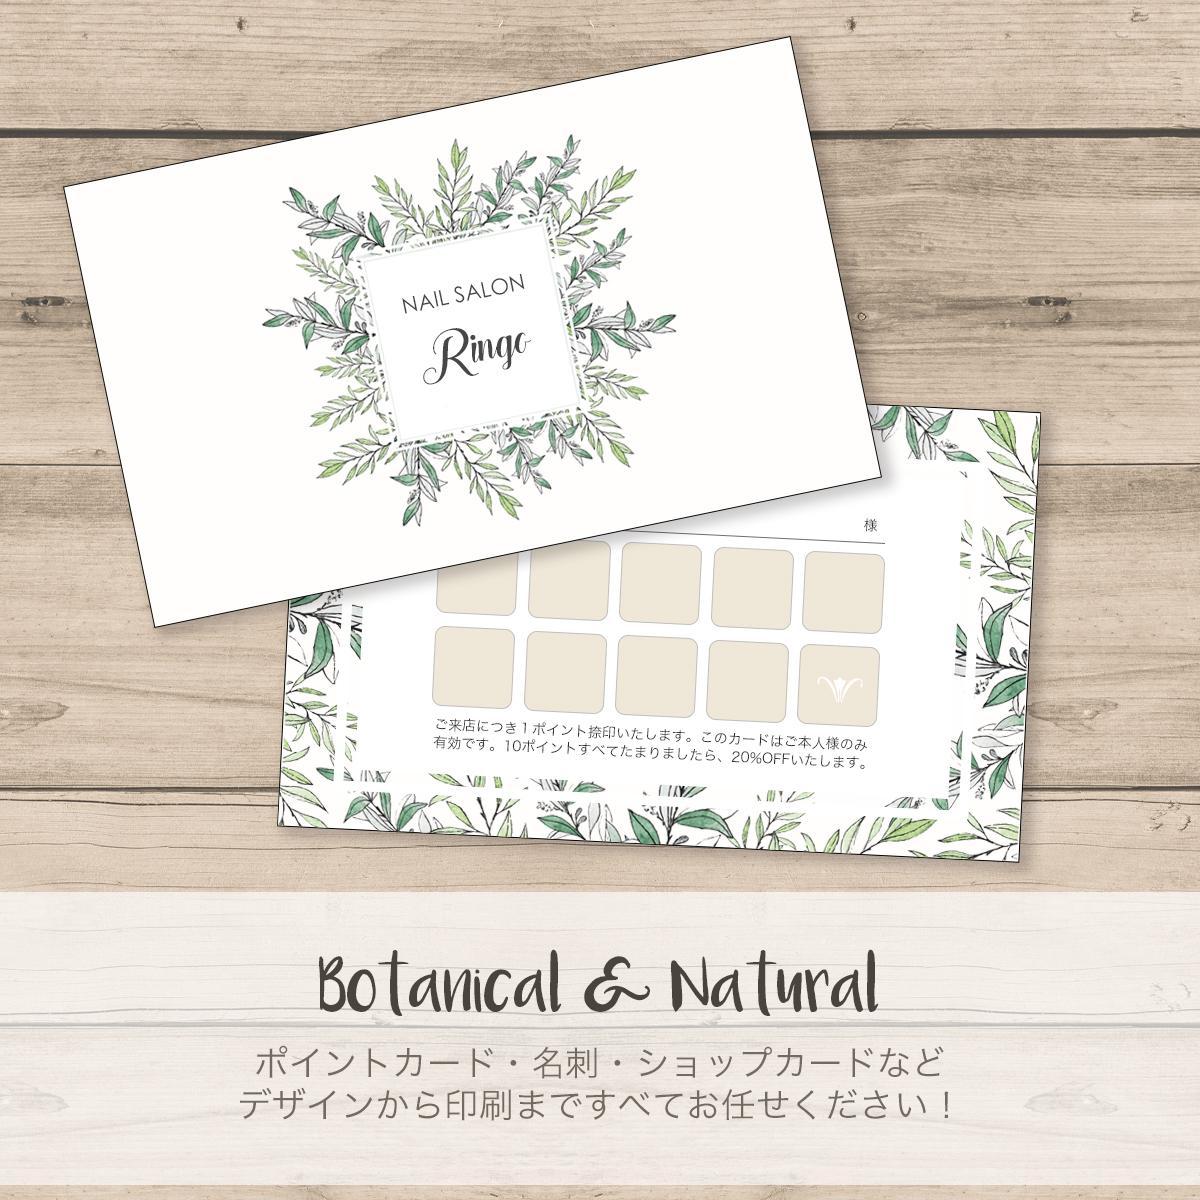 自然派!名刺やショップカードなど制作します ❁ ネイルサロン・マツエクサロンなどのオーナー様へ